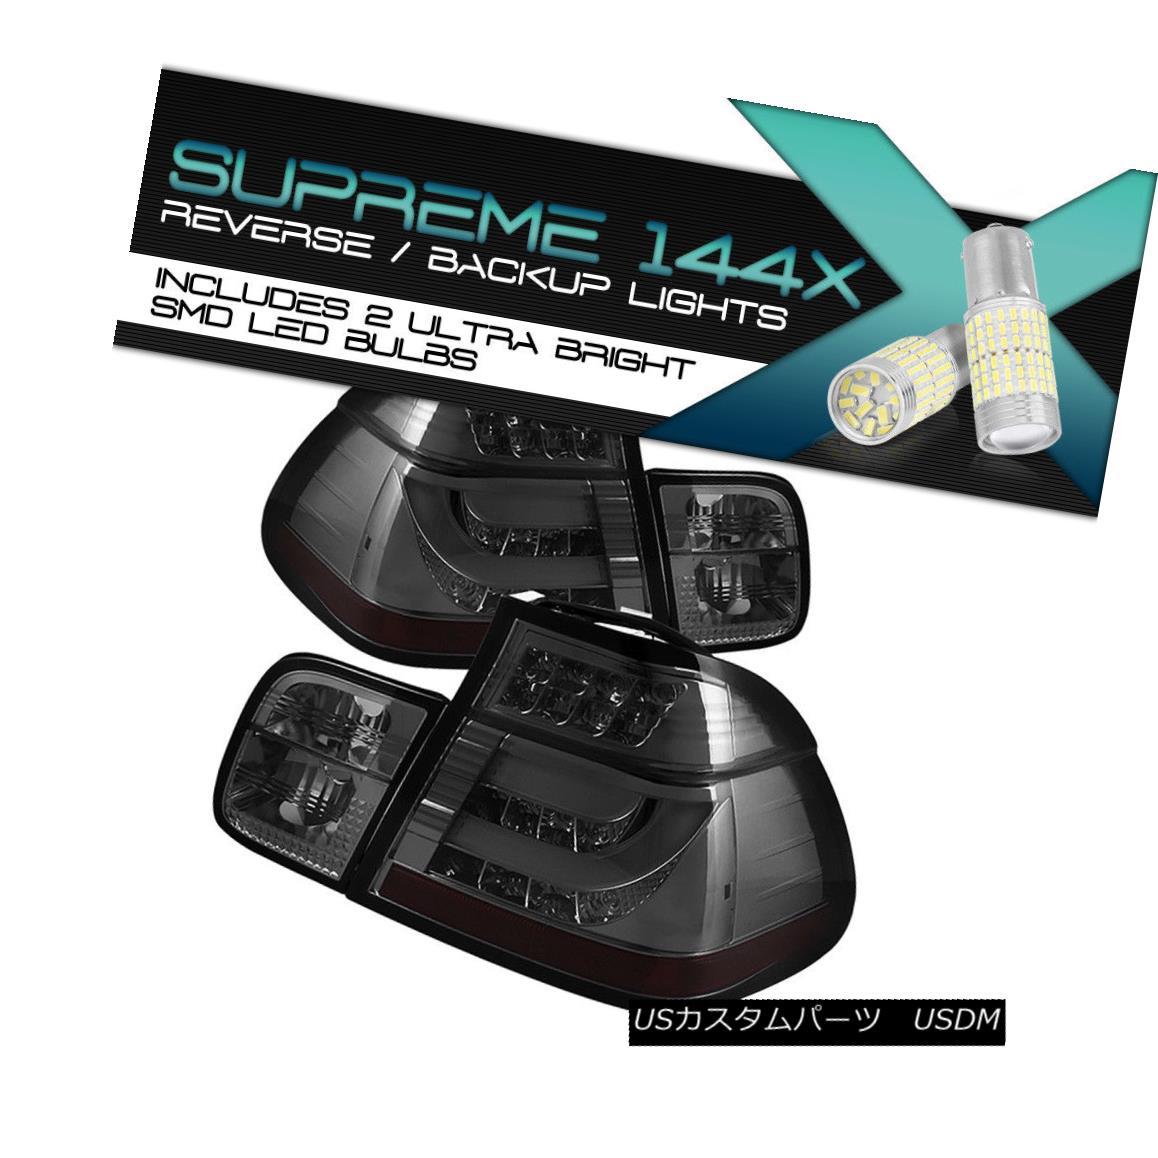 テールライト [360 Degree SMD Backup] 2002-2005 BMW 3 E46 4DR {SMOKE) Taillamps LED STRIP Pair [360度SMDバックアップ] 2002-2005 BMW 3 E46 4DR(SMOKE)タイルランプLED STRIPペア